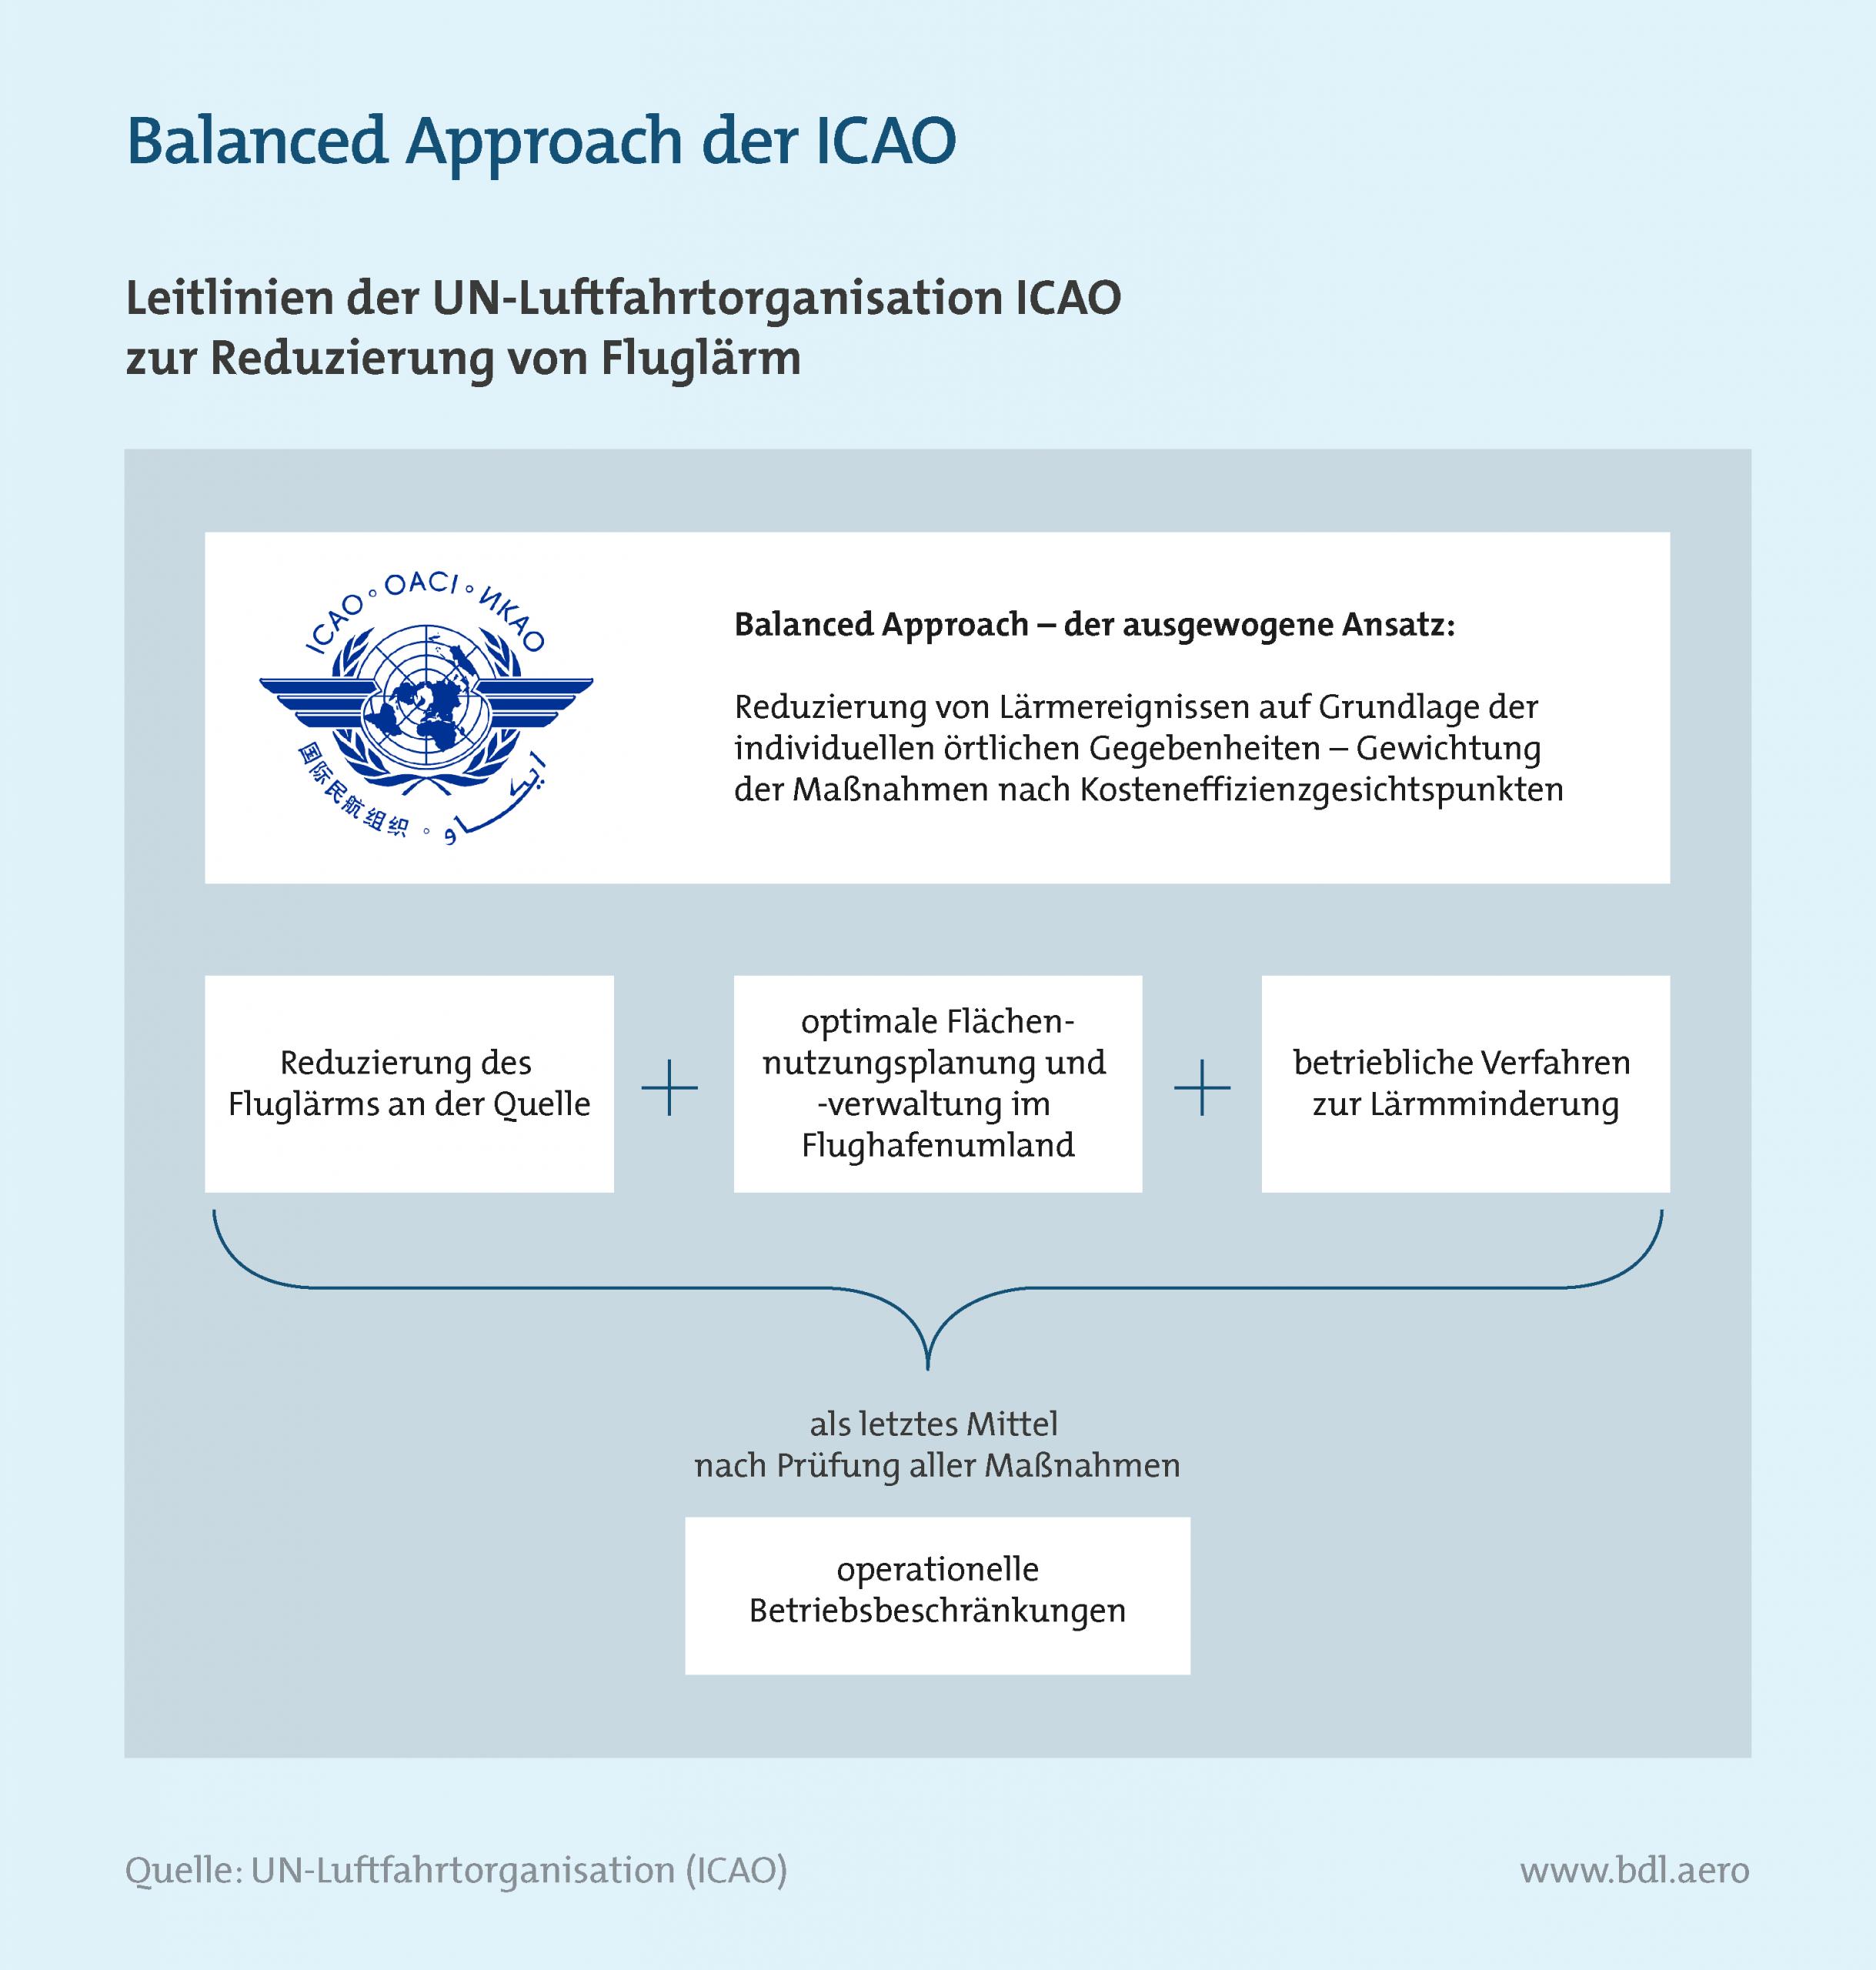 Betriebszeiten an Flughäfen: Balanced Approach der ICAO